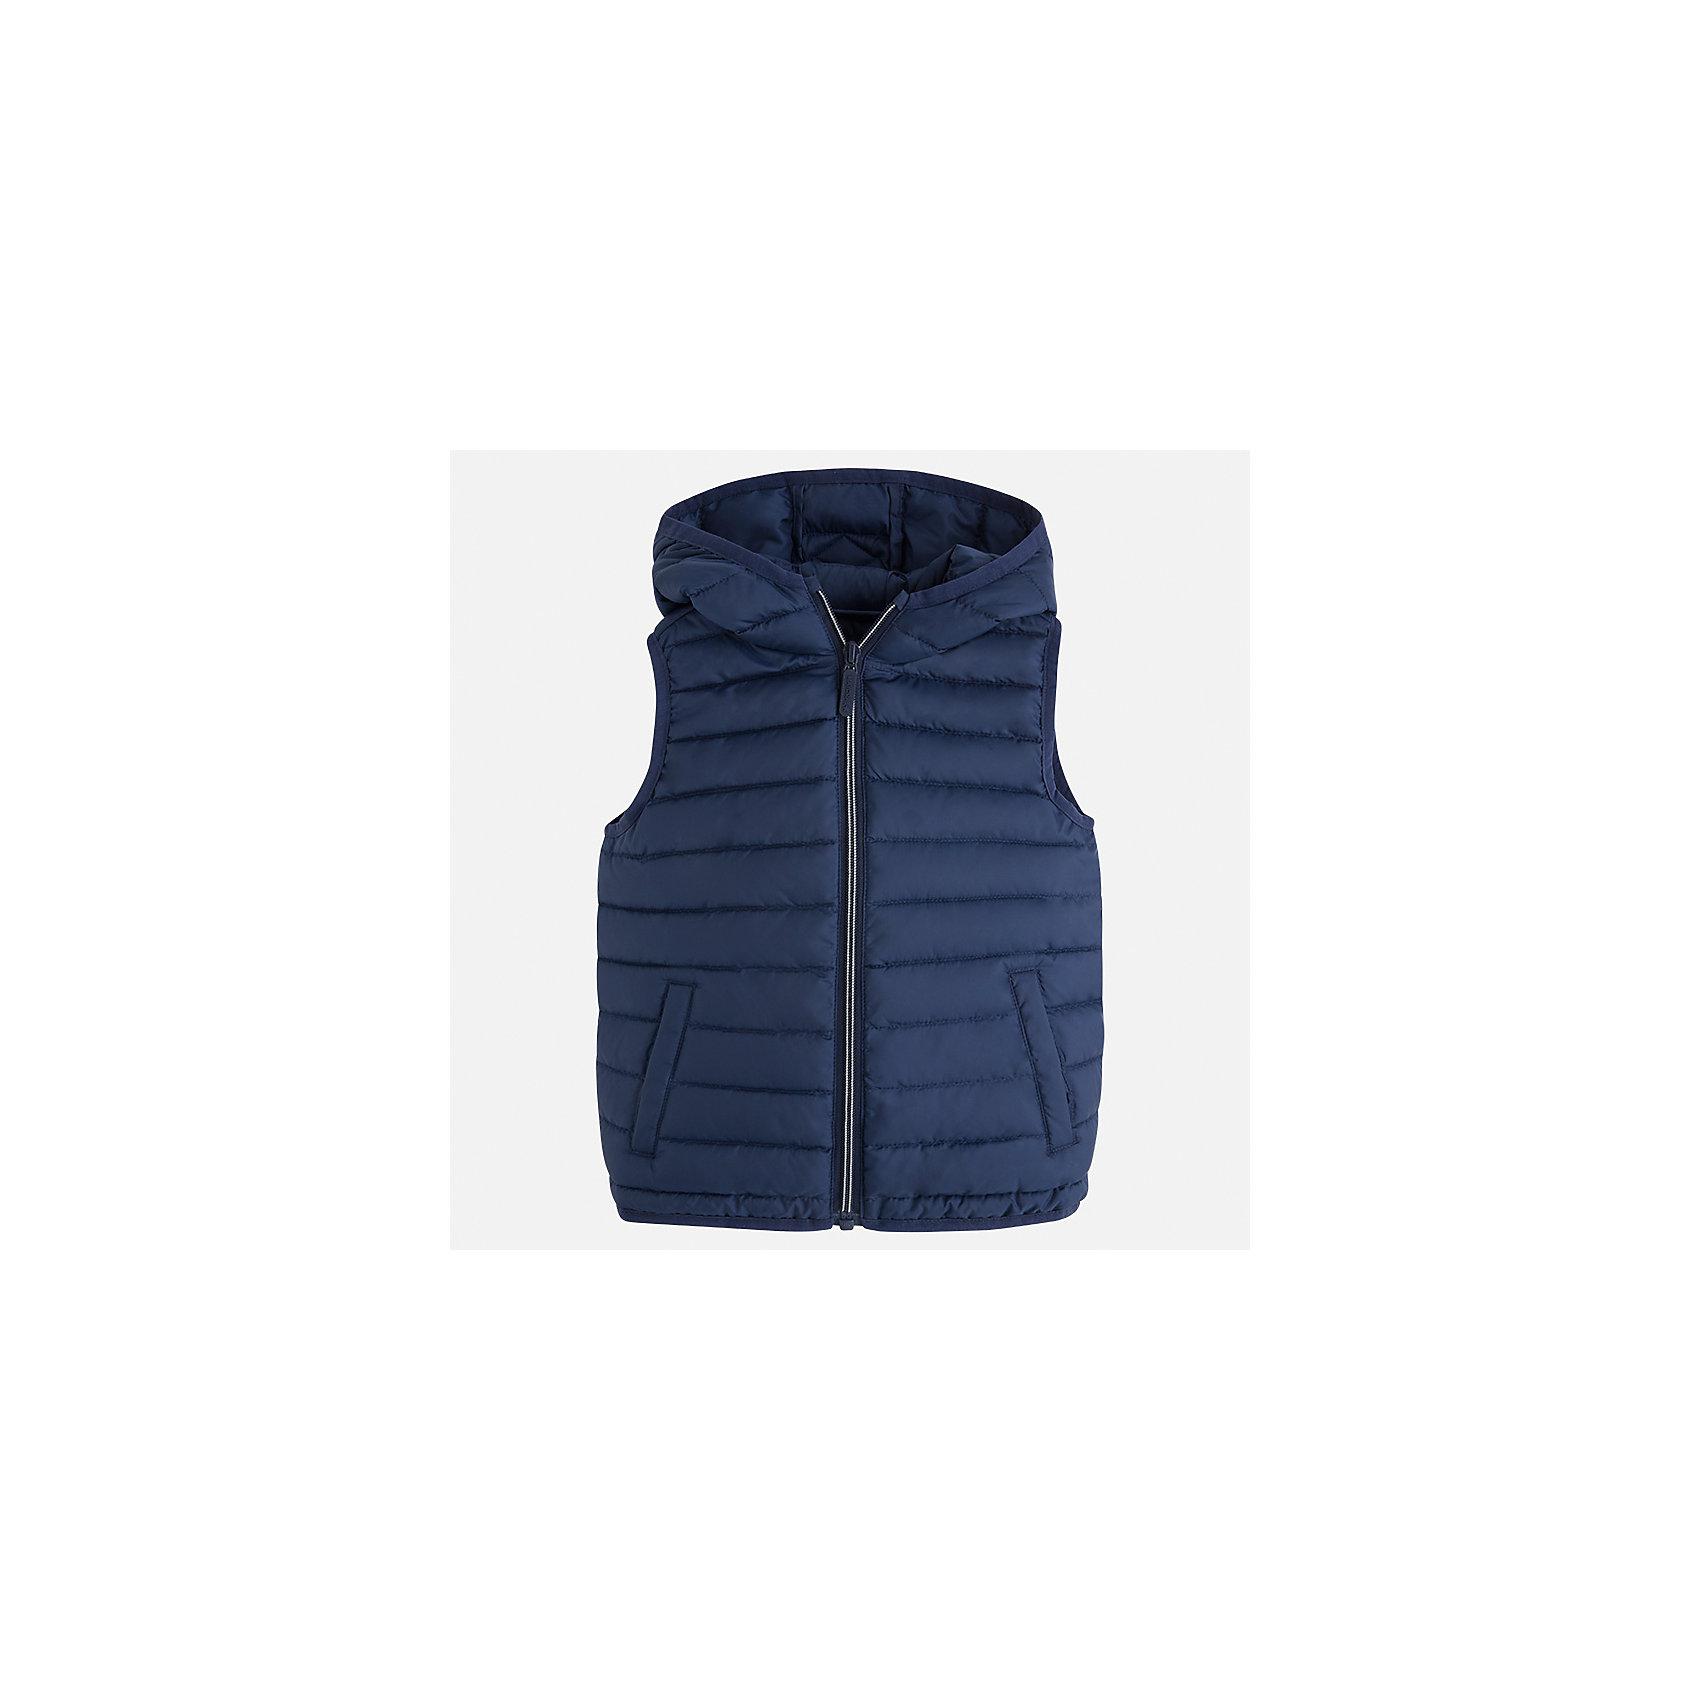 Жилет для мальчика MayoralВерхняя одежда<br>Характеристики товара:<br><br>• цвет: синий<br>• состав: 100% полиэстер<br>• температурный режим: от +20°до +10°С<br>• без рукавов<br>• карманы<br>• молния <br>• капюшон<br>• страна бренда: Испания<br><br>Стильный жилет для мальчика поможет разнообразить гардероб ребенка и обеспечить тепло. Он отлично сочетается и с джинсами, и с брюками. Универсальный цвет позволяет подобрать к вещи низ различных расцветок. Модное и практичное изделие.<br><br>Одежда, обувь и аксессуары от испанского бренда Mayoral полюбились детям и взрослым по всему миру. Модели этой марки - стильные и удобные. Для их производства используются только безопасные, качественные материалы и фурнитура. Порадуйте ребенка модными и красивыми вещами от Mayoral! <br><br>Жилет для мальчика от испанского бренда Mayoral (Майорал) можно купить в нашем интернет-магазине.<br><br>Ширина мм: 190<br>Глубина мм: 74<br>Высота мм: 229<br>Вес г: 236<br>Цвет: синий<br>Возраст от месяцев: 72<br>Возраст до месяцев: 84<br>Пол: Мужской<br>Возраст: Детский<br>Размер: 122,104,134,128,116,110,98,92<br>SKU: 5280477